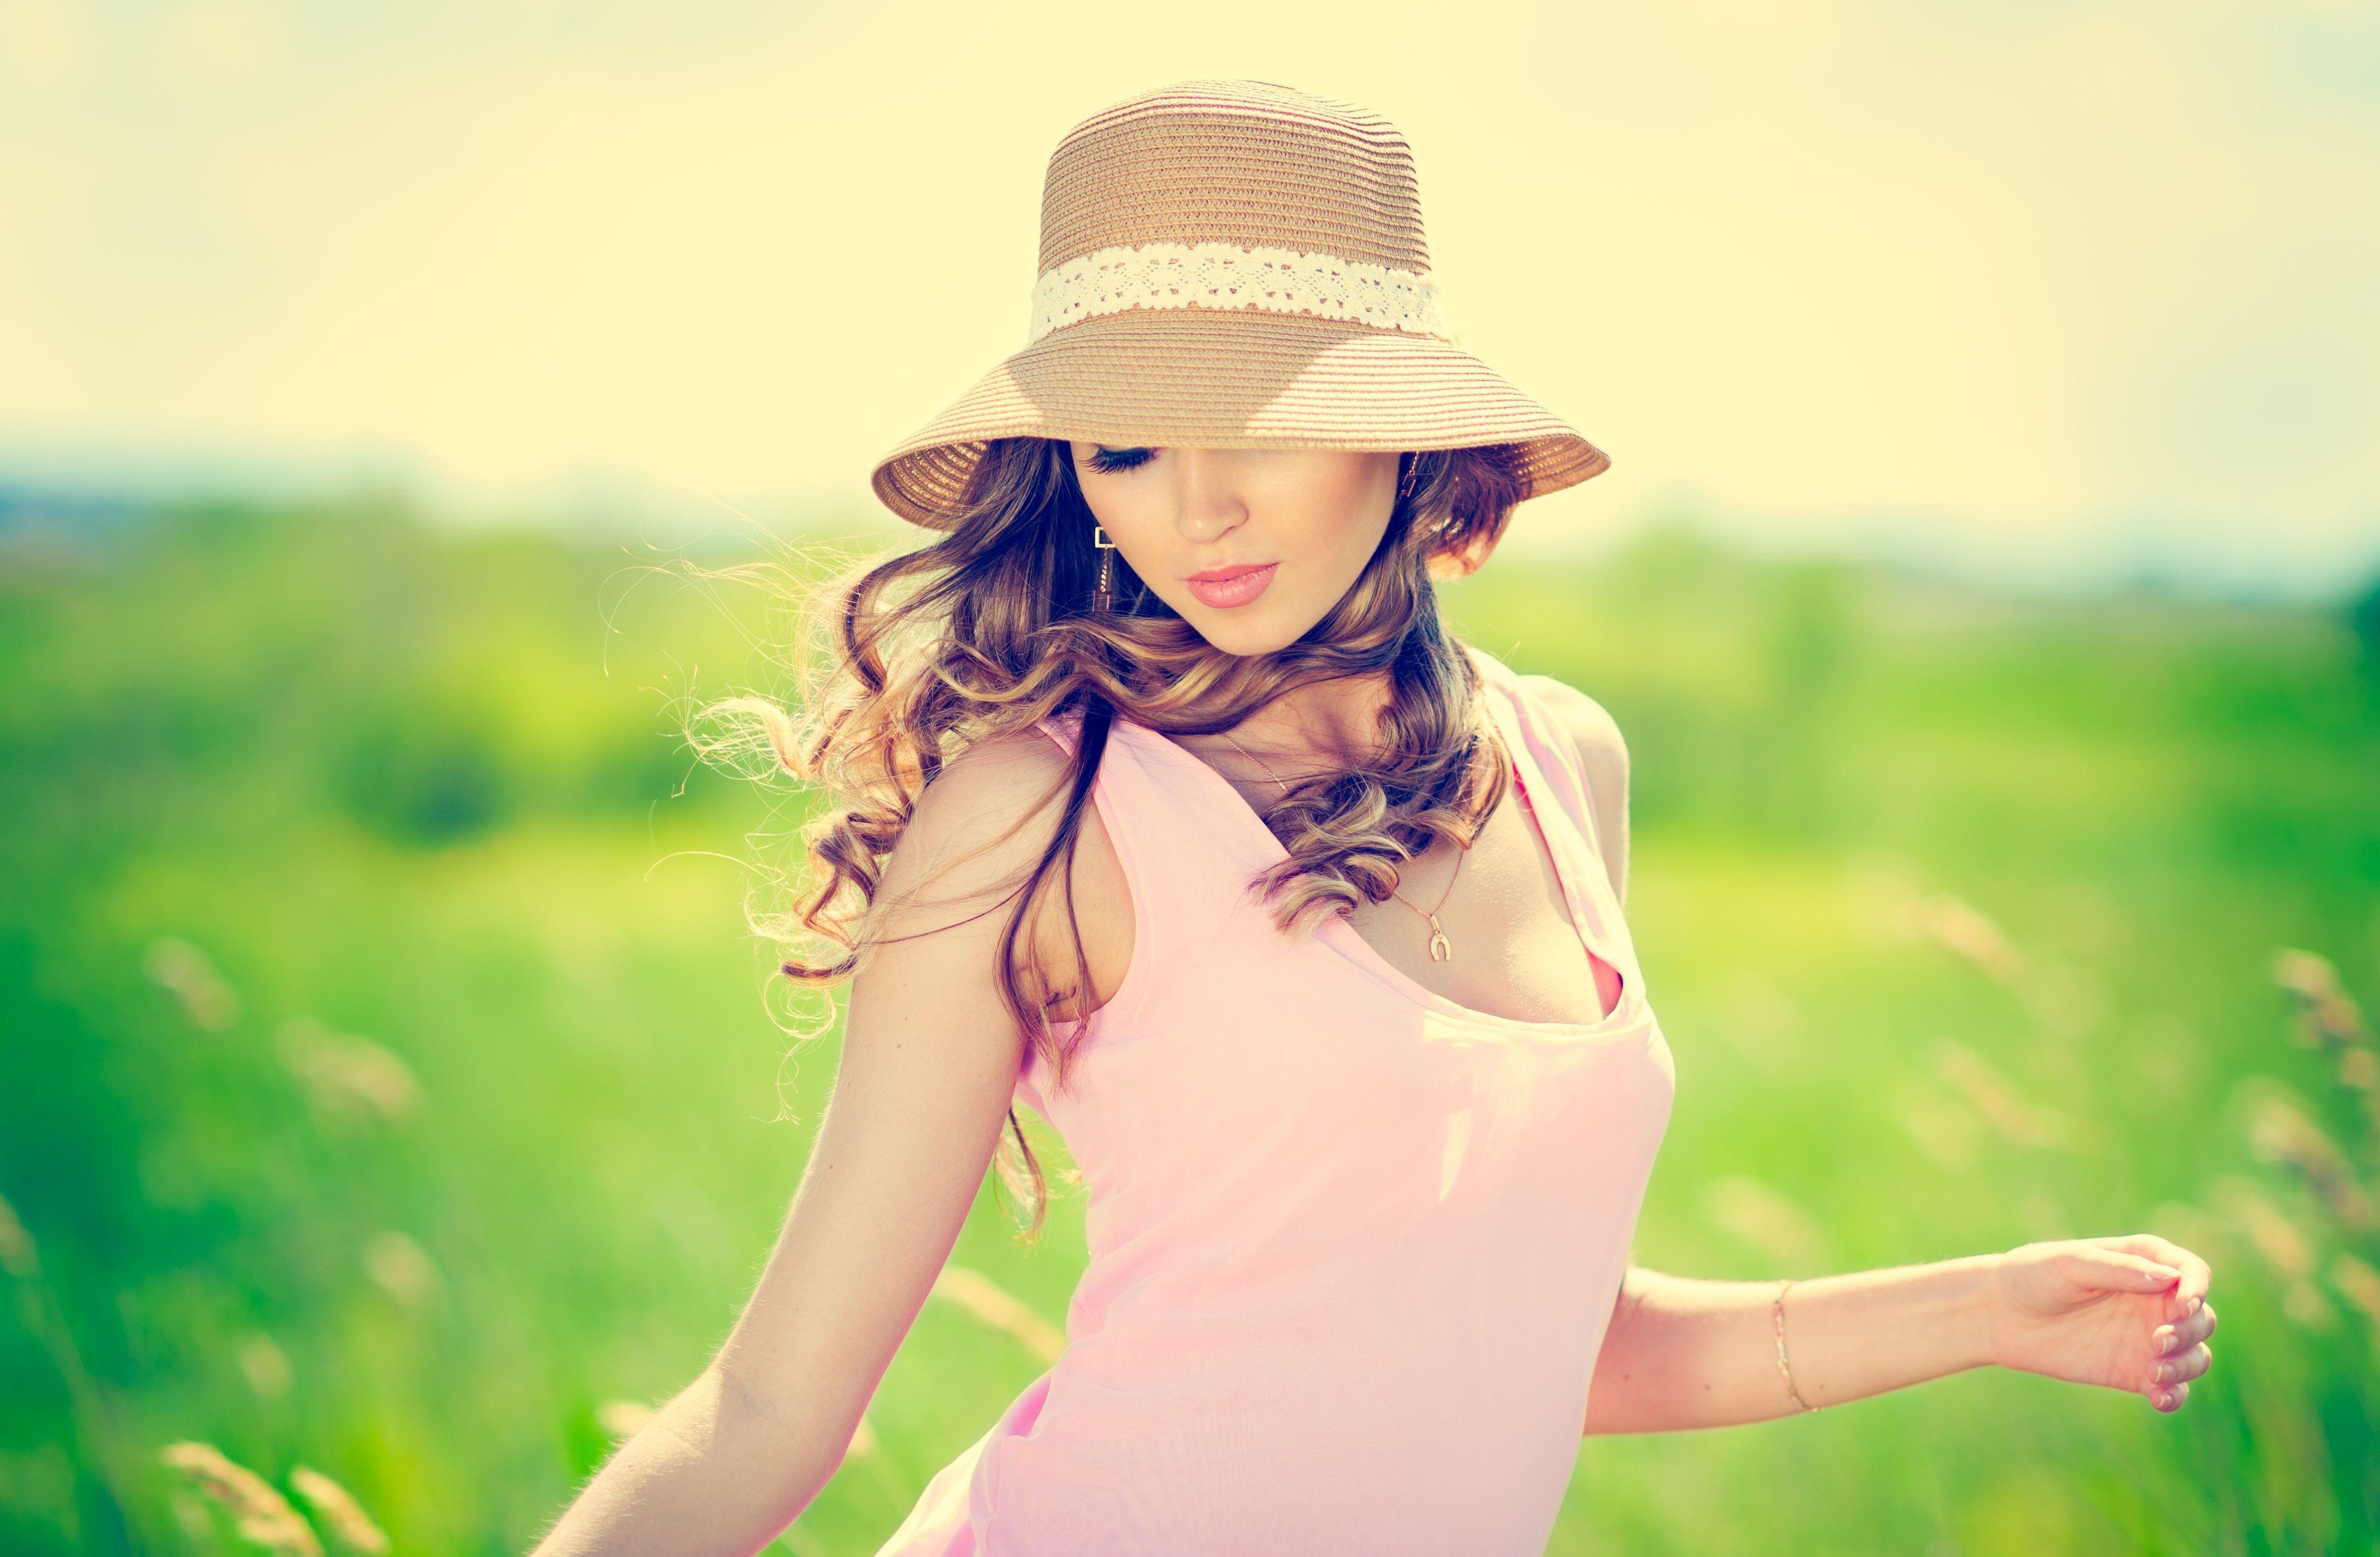 девушка шапка телефон разговор солнце бесплатно